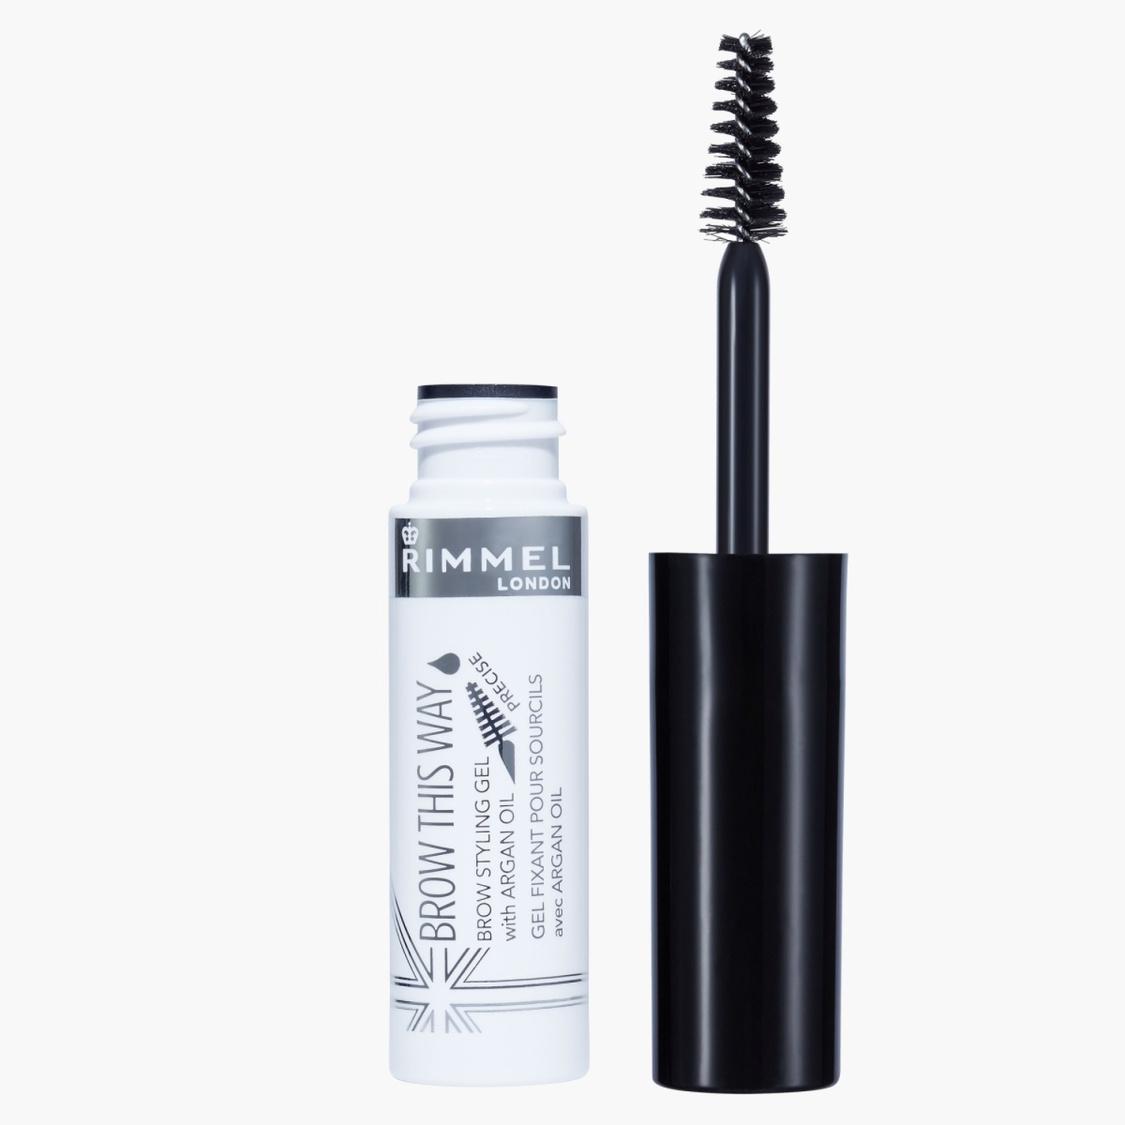 Rimmel Eyebrow gel Mascara